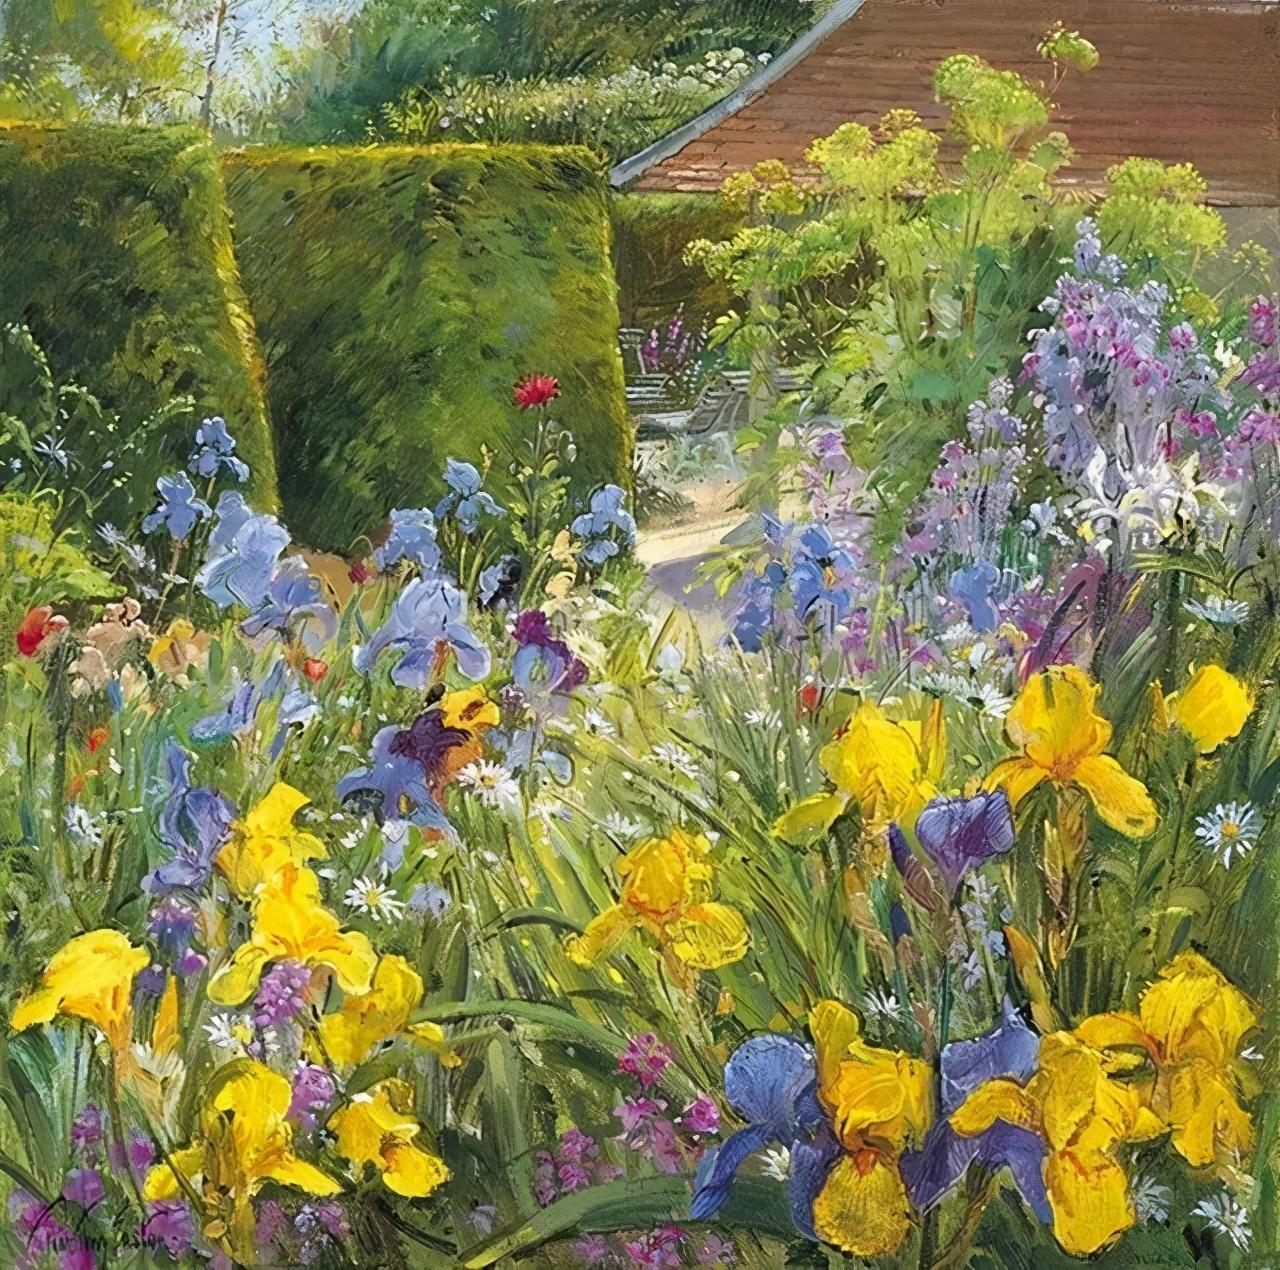 英国风景画家蒂莫西·伊斯顿花团似锦的世界